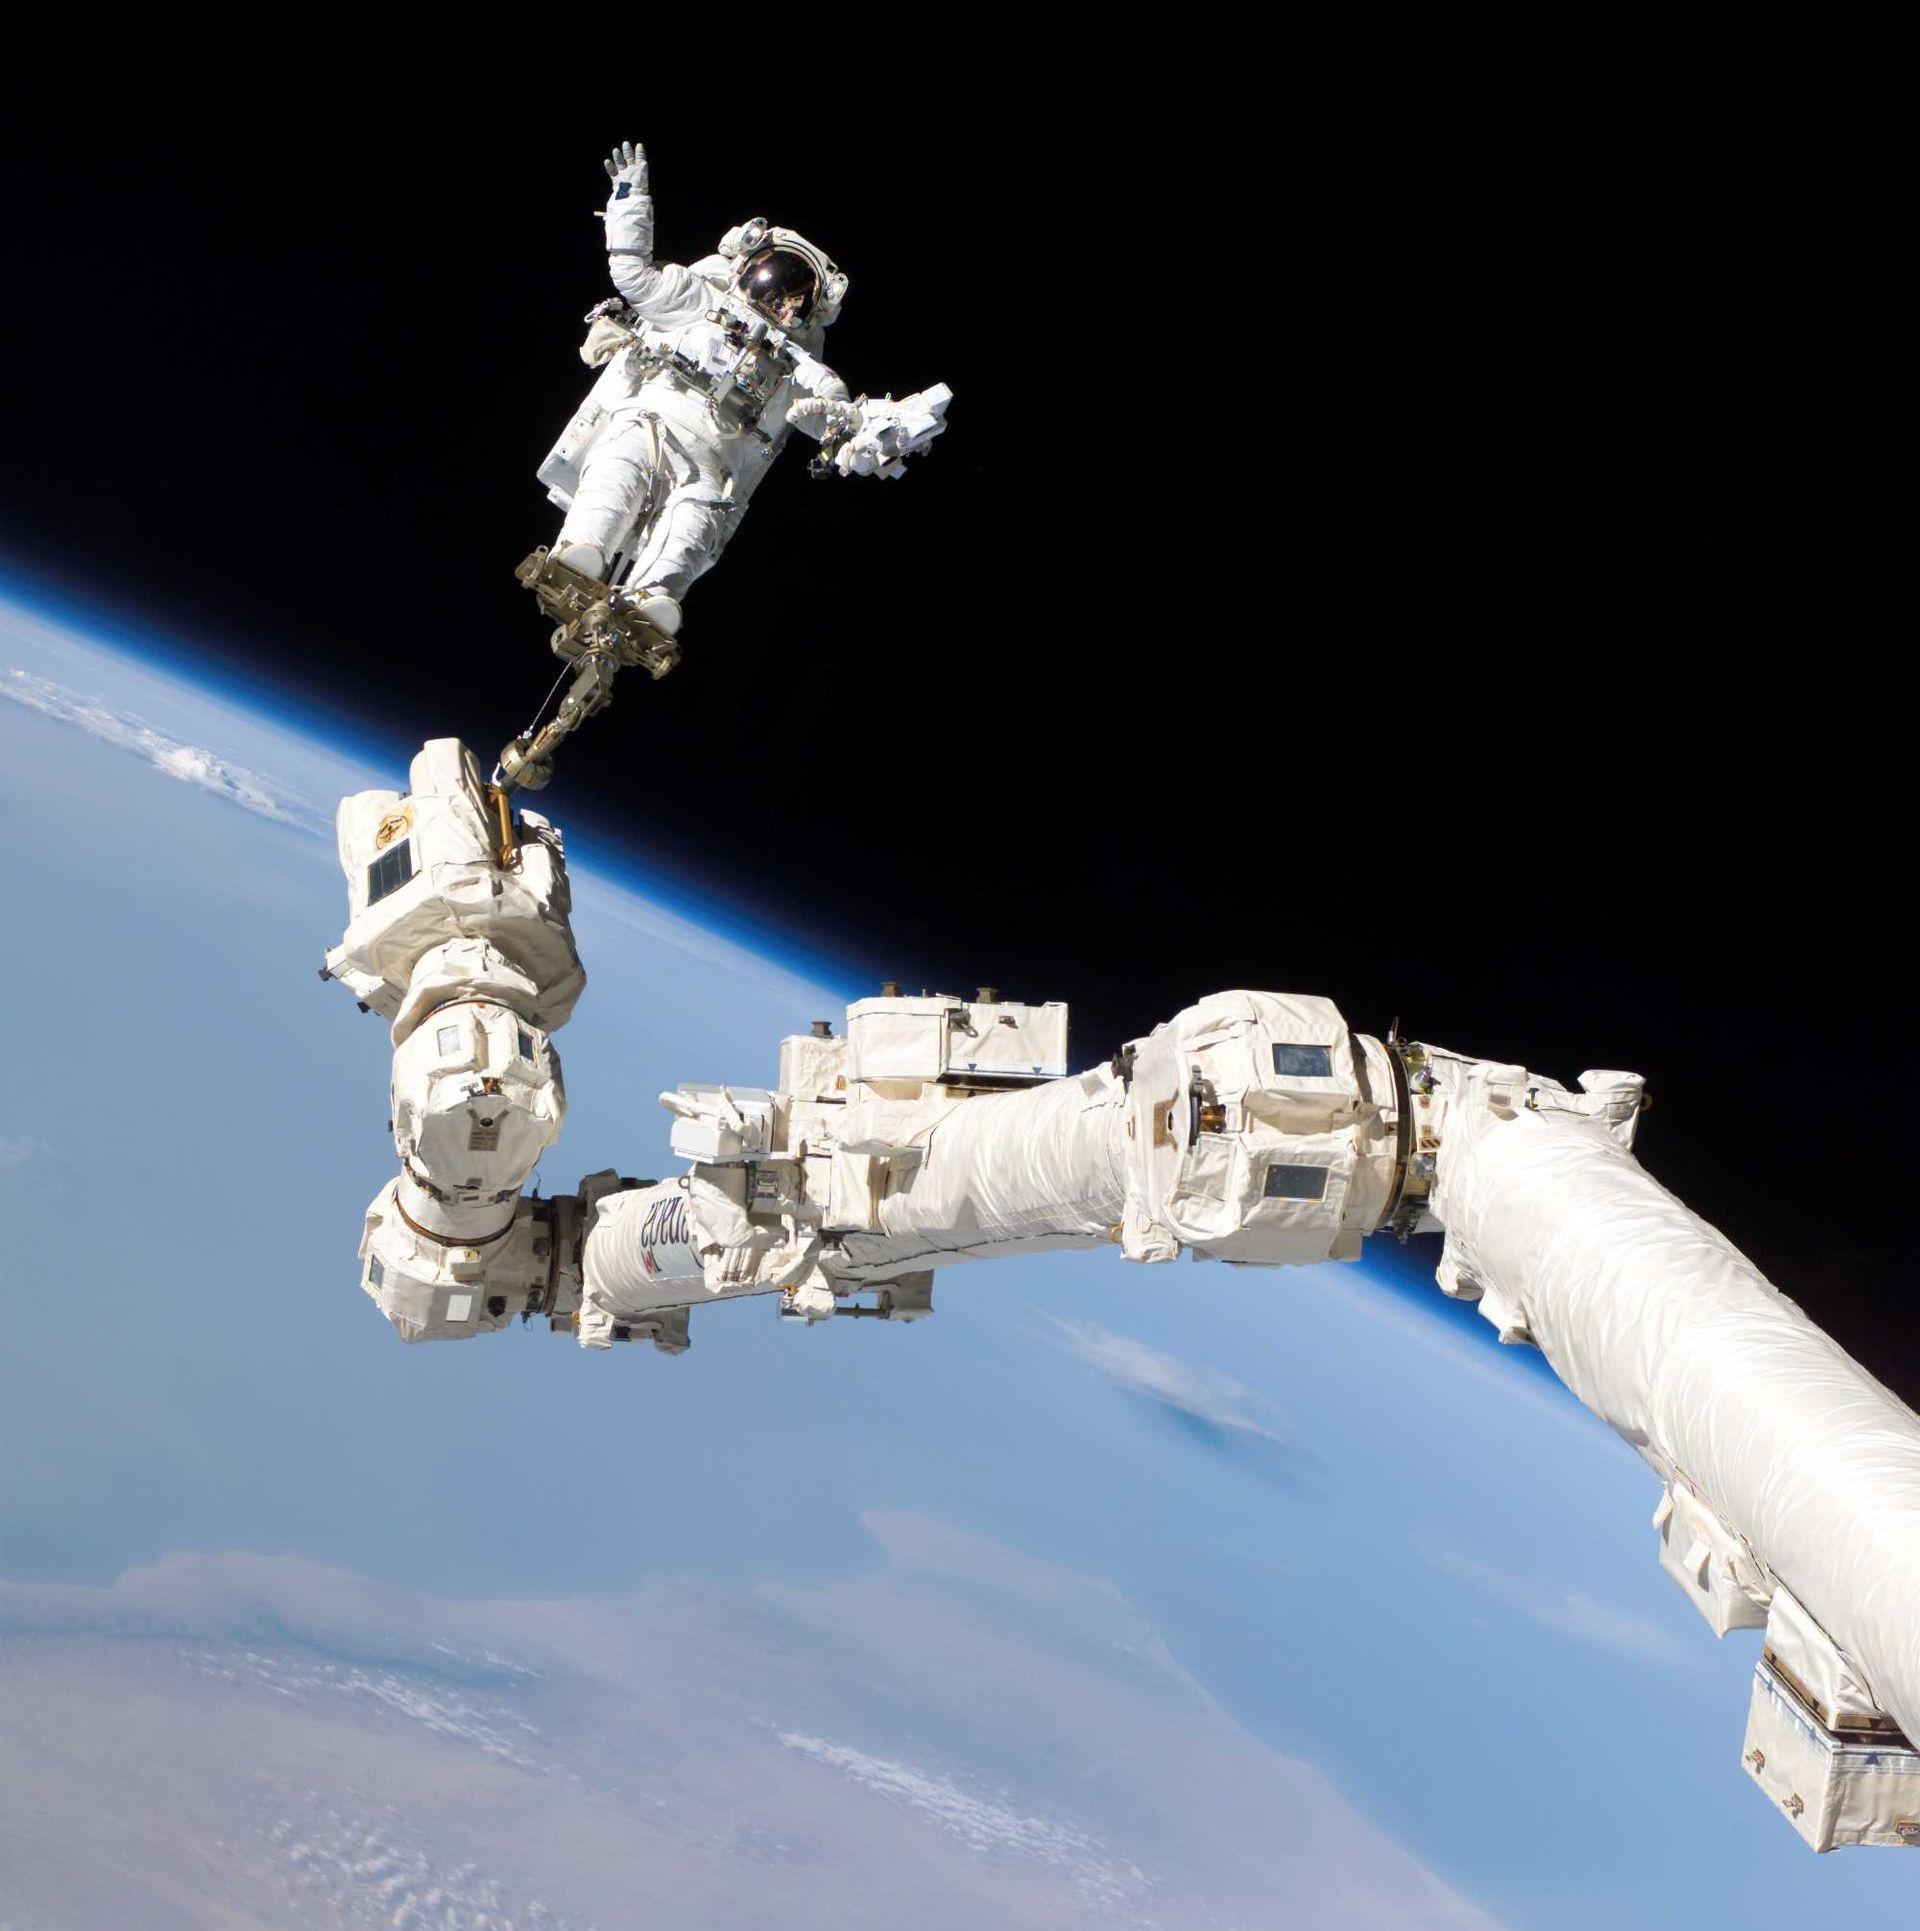 Ryssland ska skicka två turister till ISS 2023